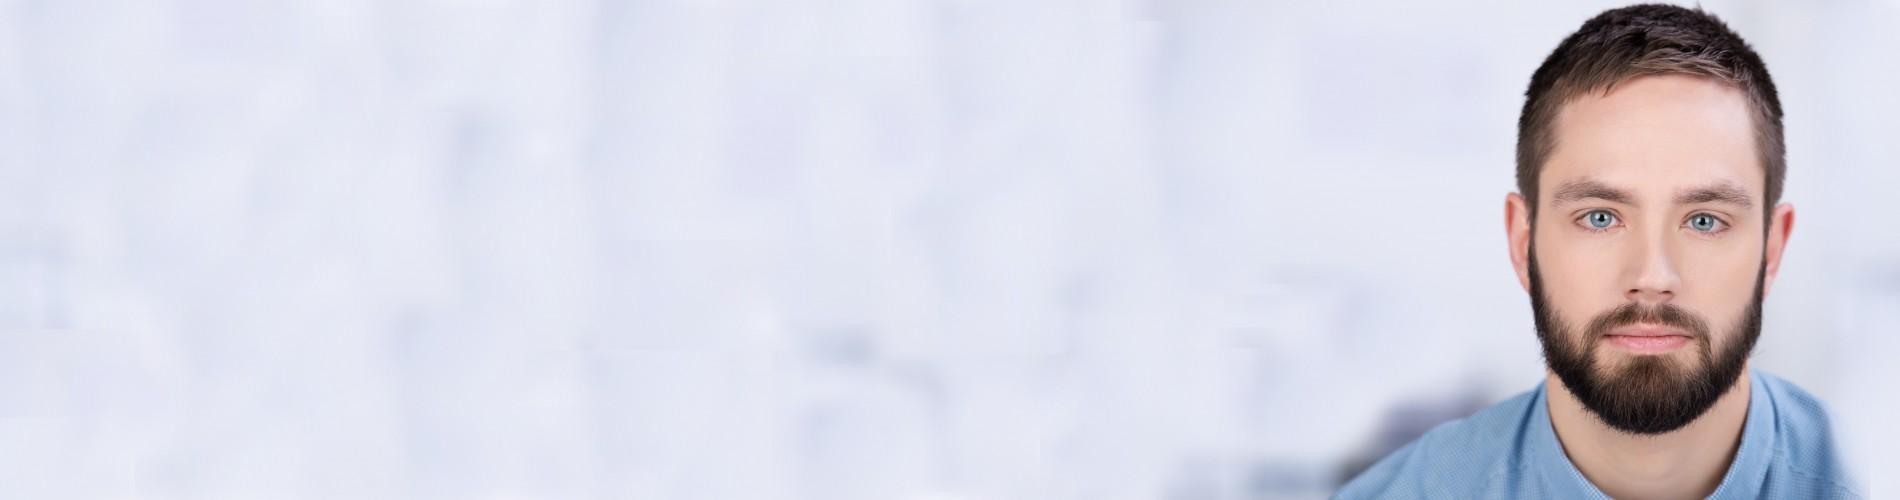 steuerberater-zahnarzt-angestellt-e1423391789431